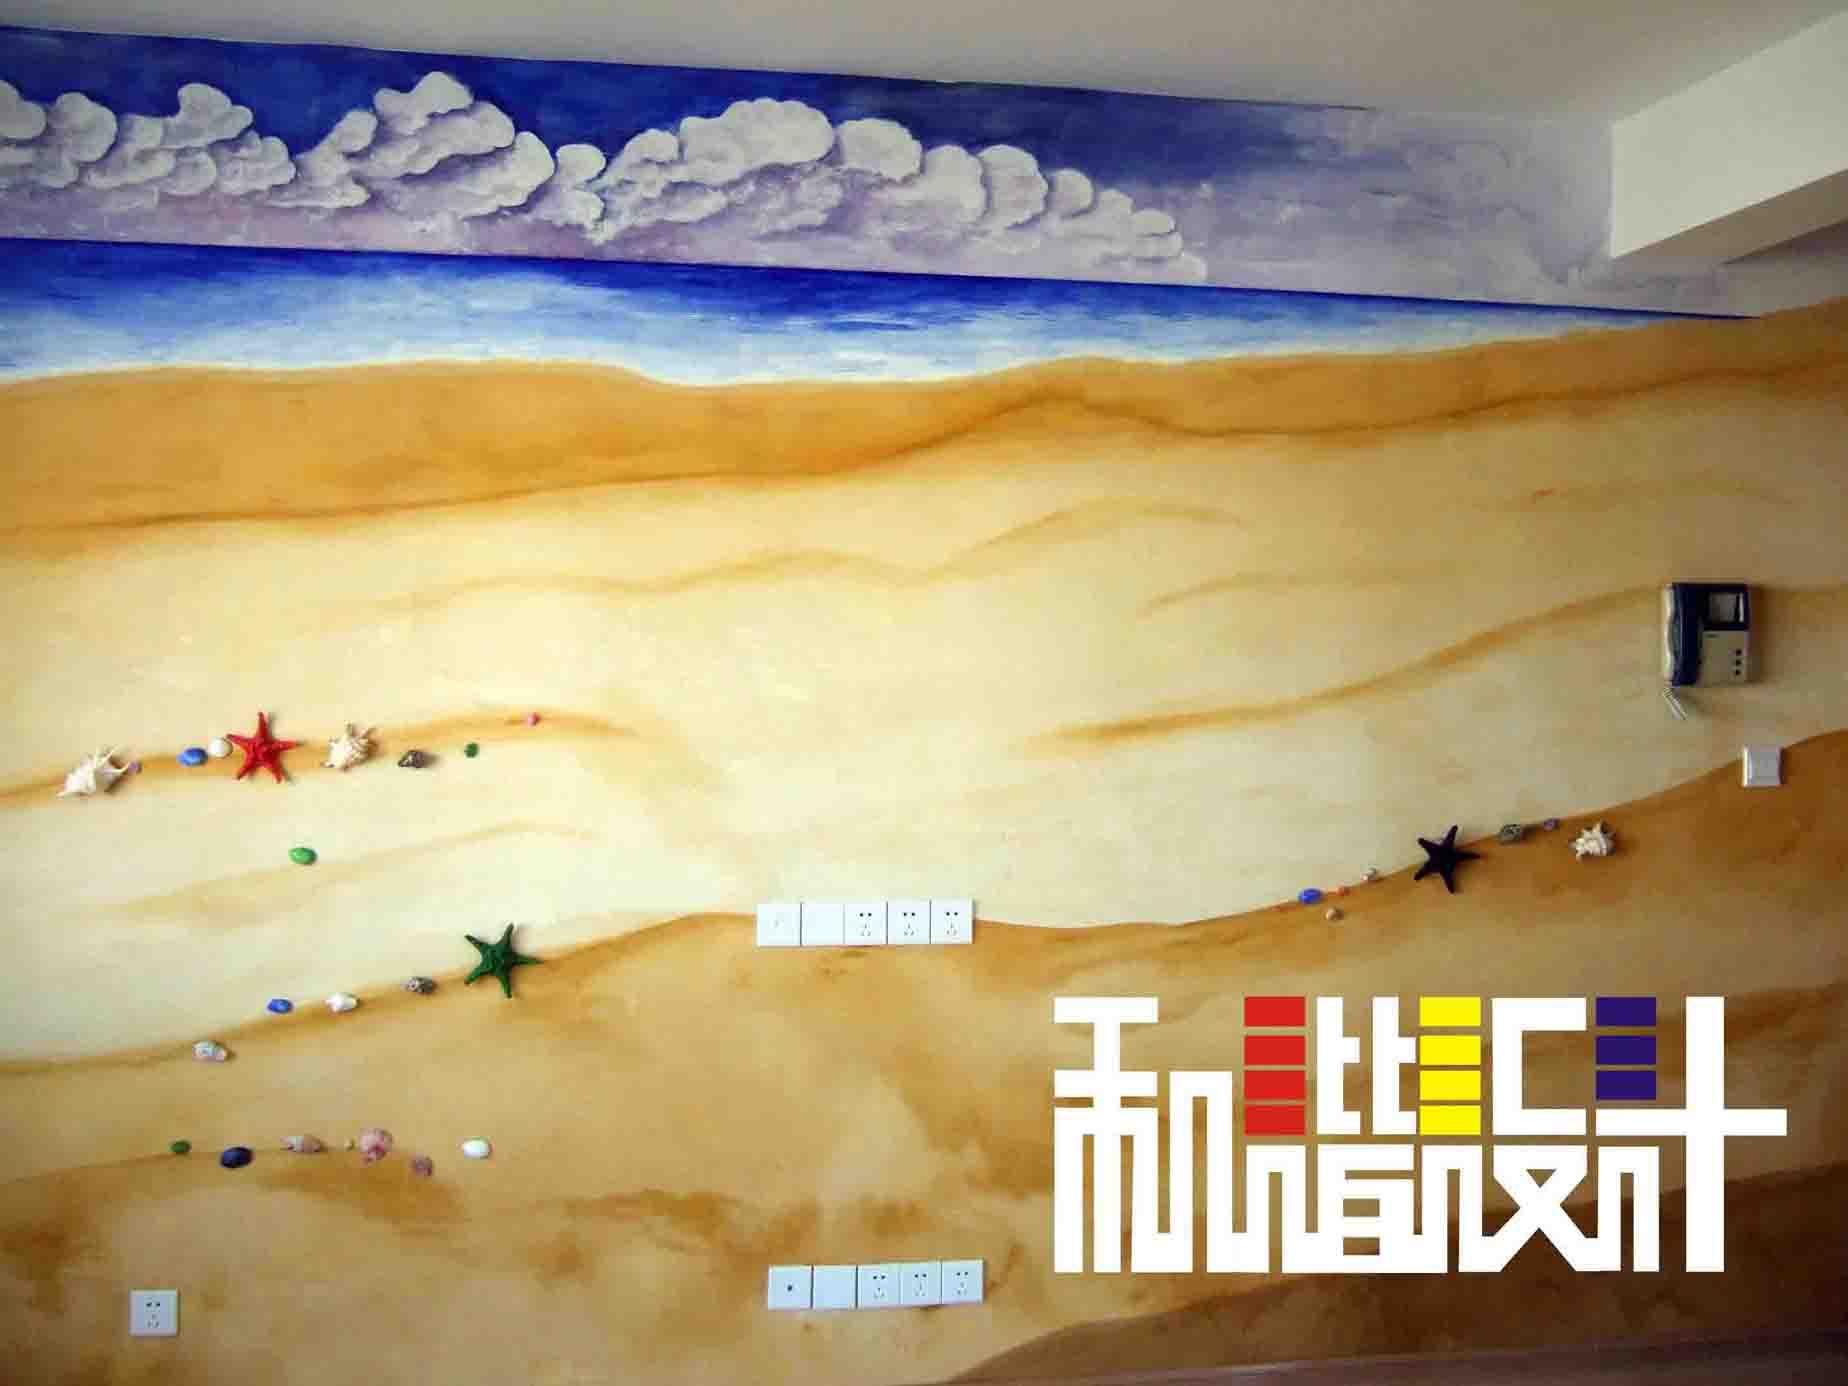 沙滩电视背景墙1装修案例